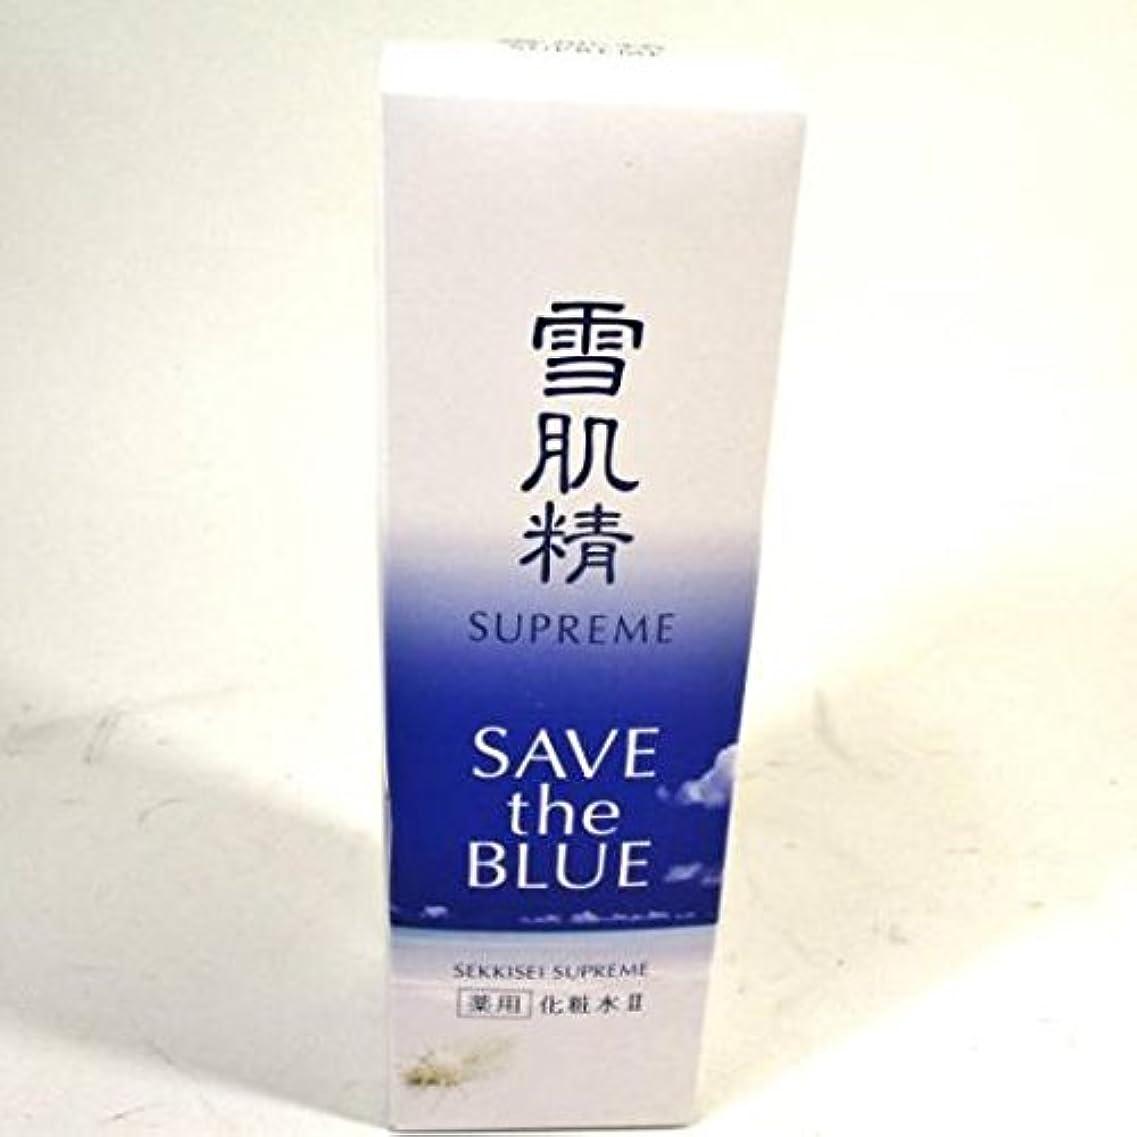 頑張る嵐の空洞コーセー 雪肌精 シュープレム 化粧水 Ⅱ 「SAVE the BLUE」 400ml